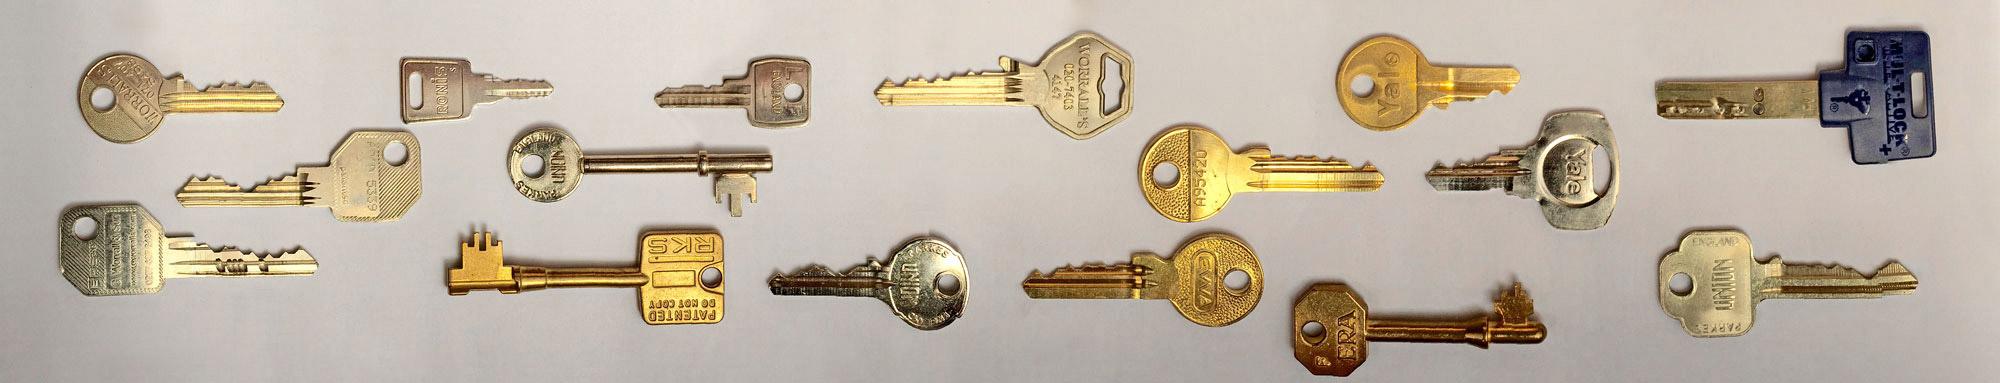 Keys for office door locks, safes, cabinets, desks, etc.